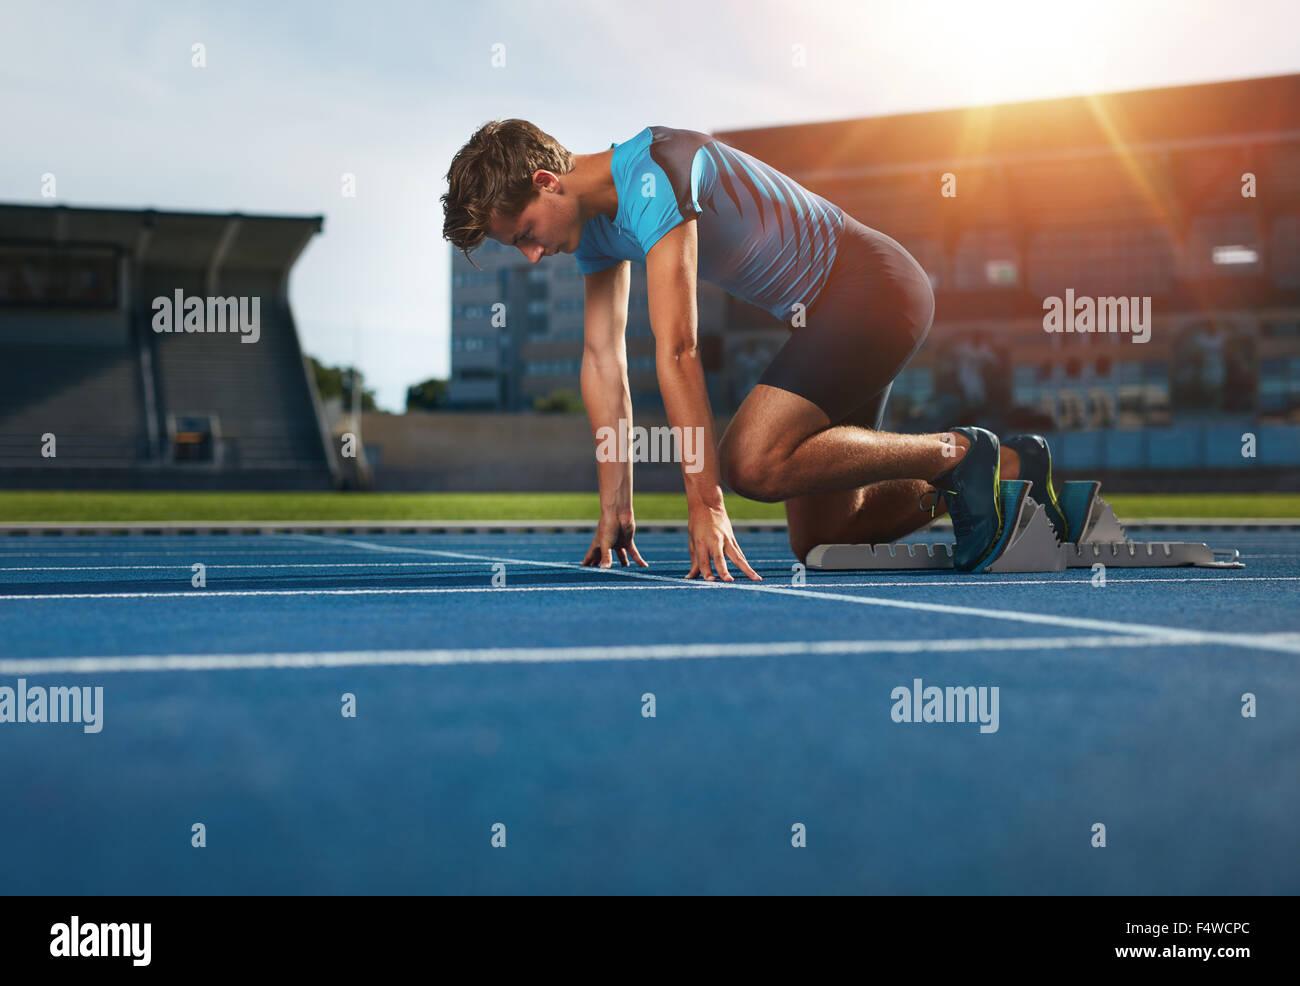 Giovane atleta alla posizione di partenza pronta per iniziare una corsa. Runner maschio pronto per l'esercizio sportivo Foto Stock